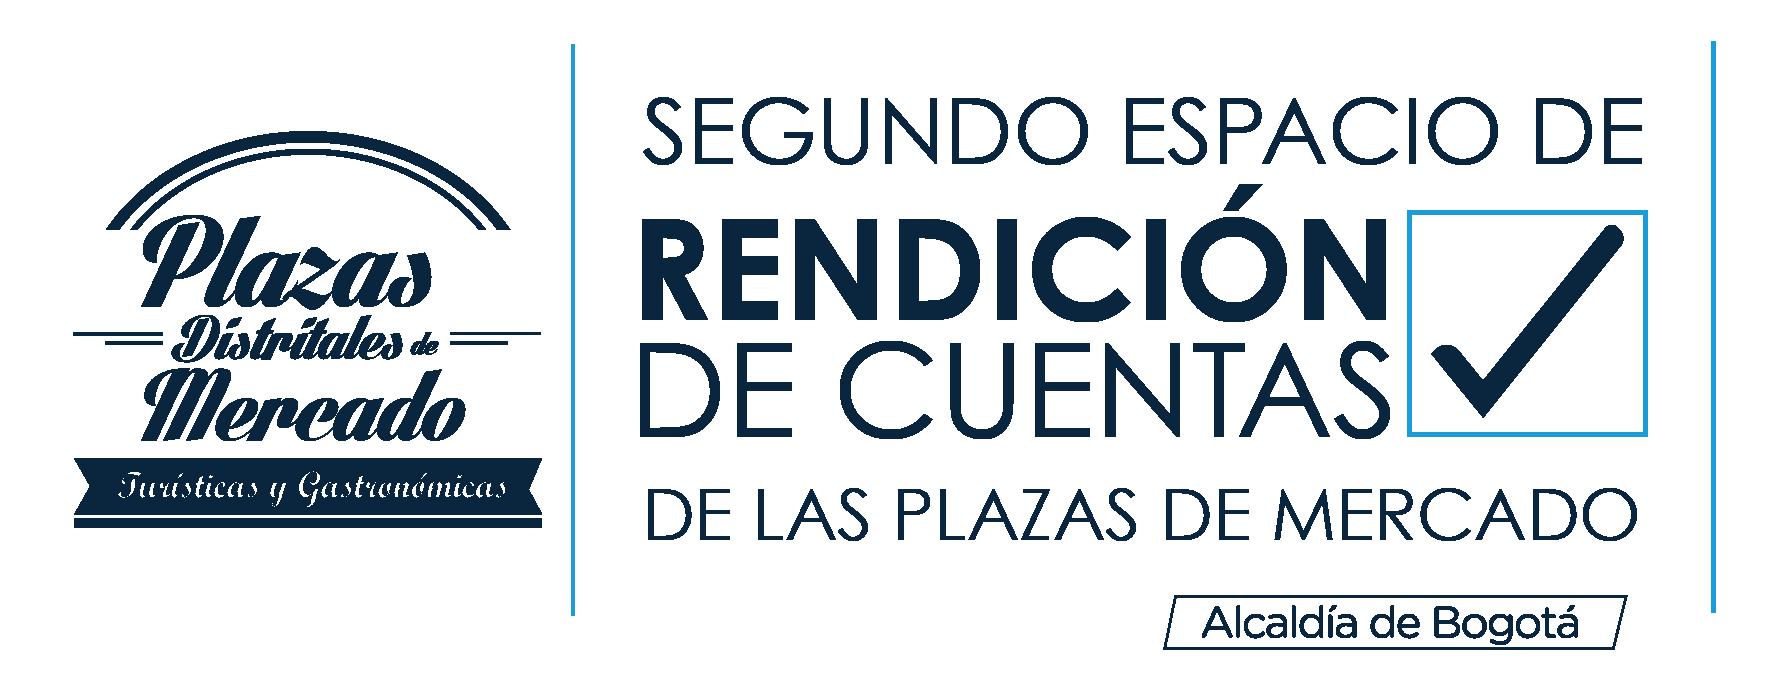 Rendición de cuentas Plazas de Mercado IPES